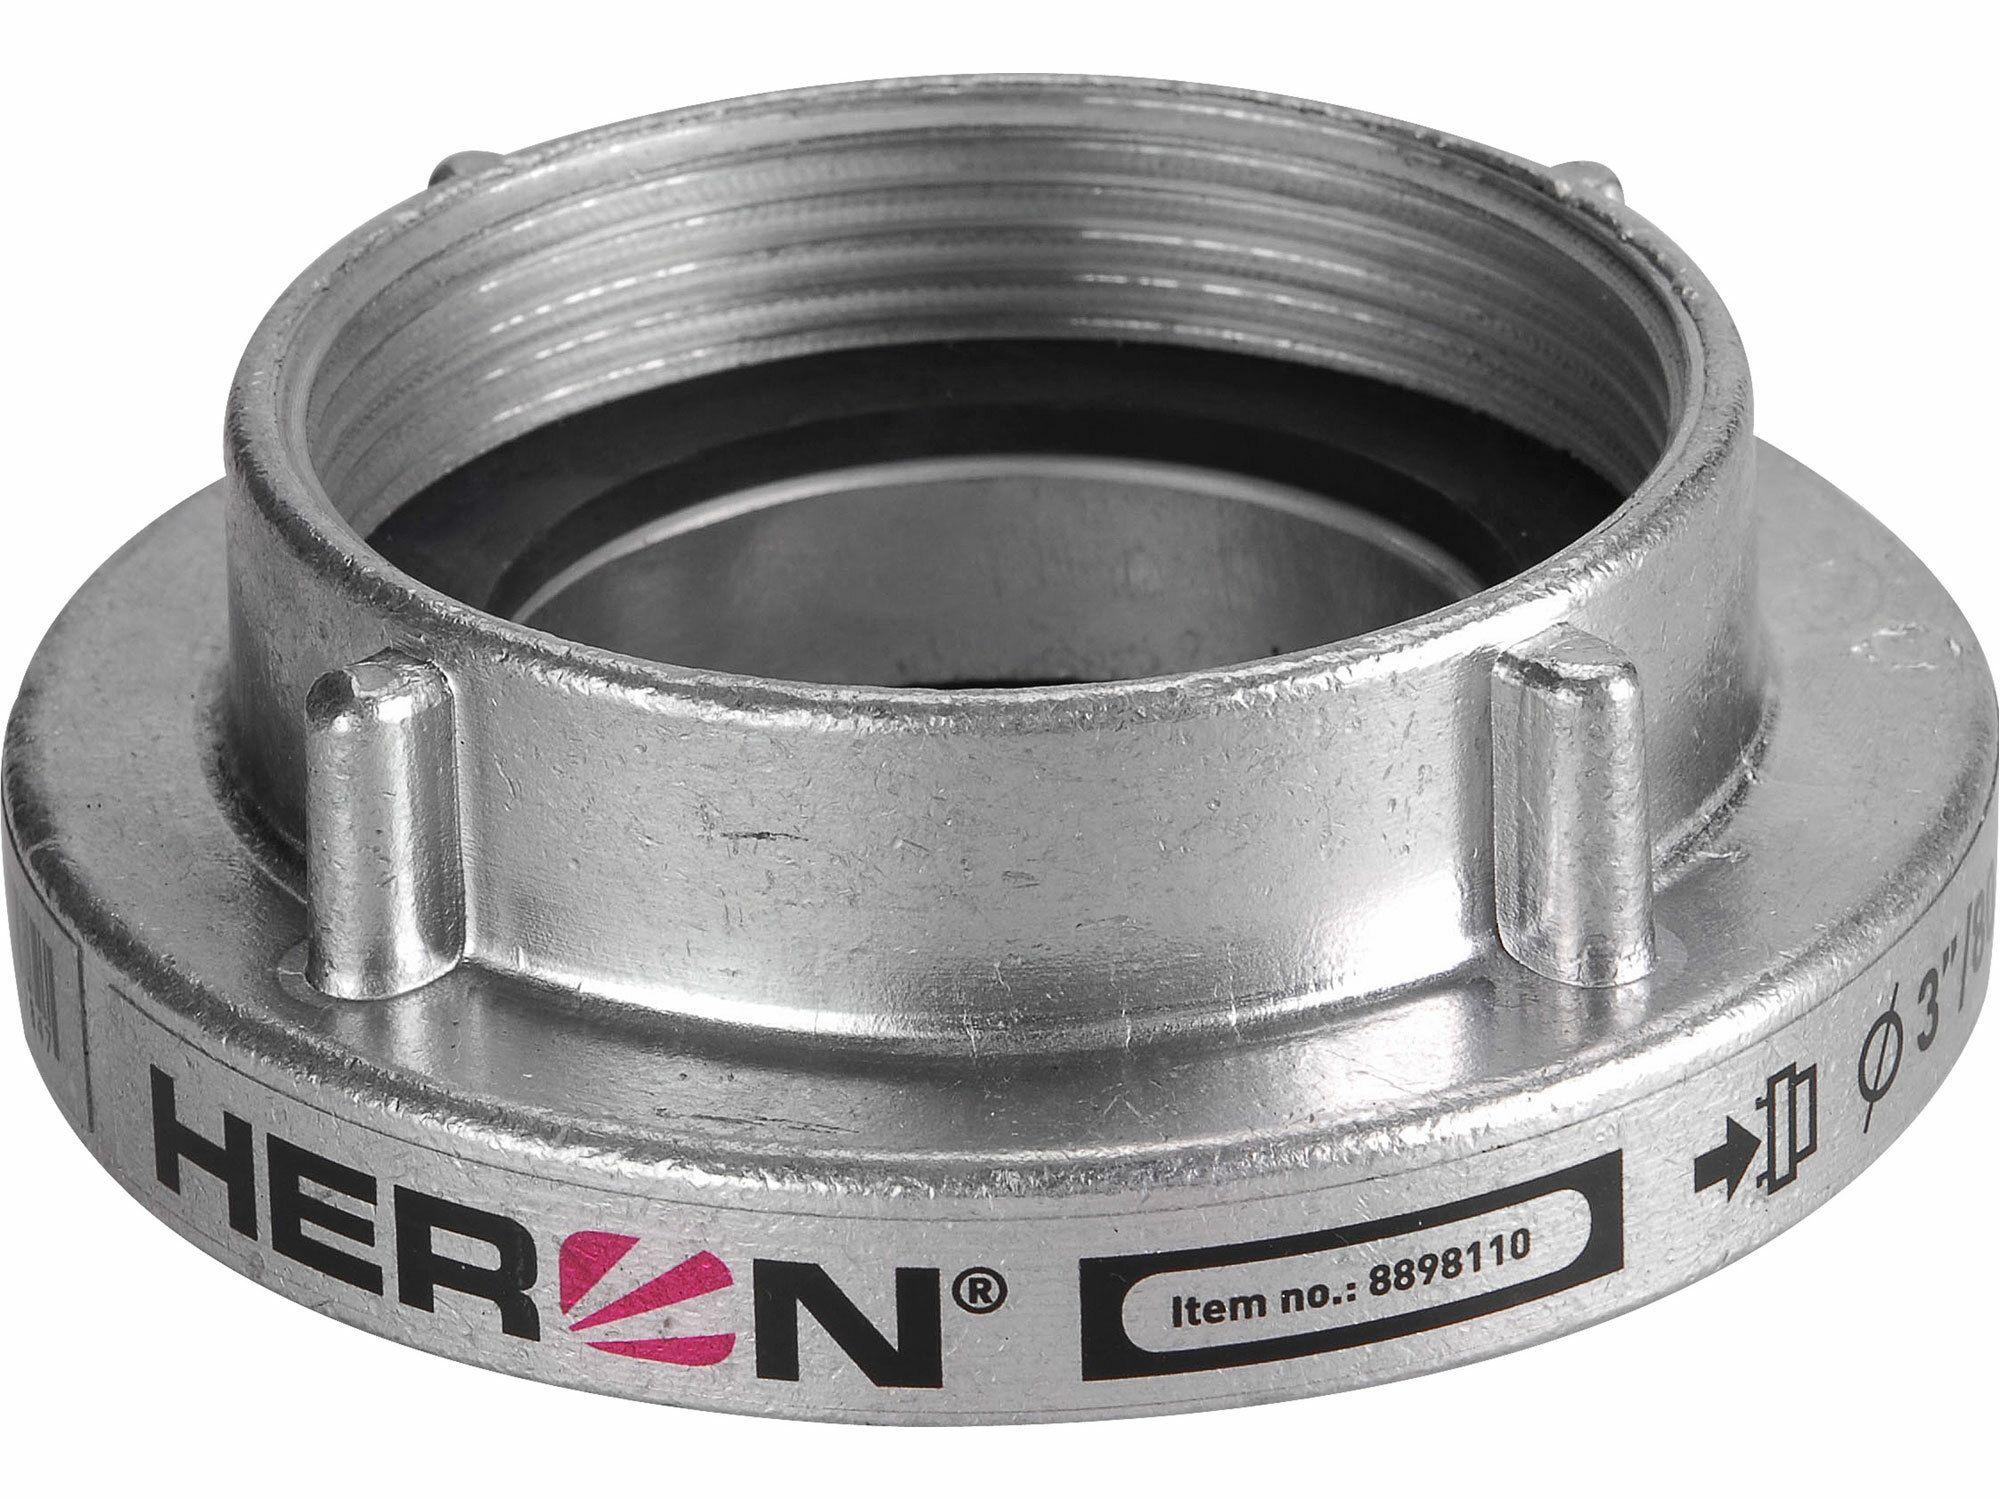 """Spojka B75 pevná vnitřní závit W tlakové/sací těsnění, 3"""" (80mm), pro 8895105, HERON"""